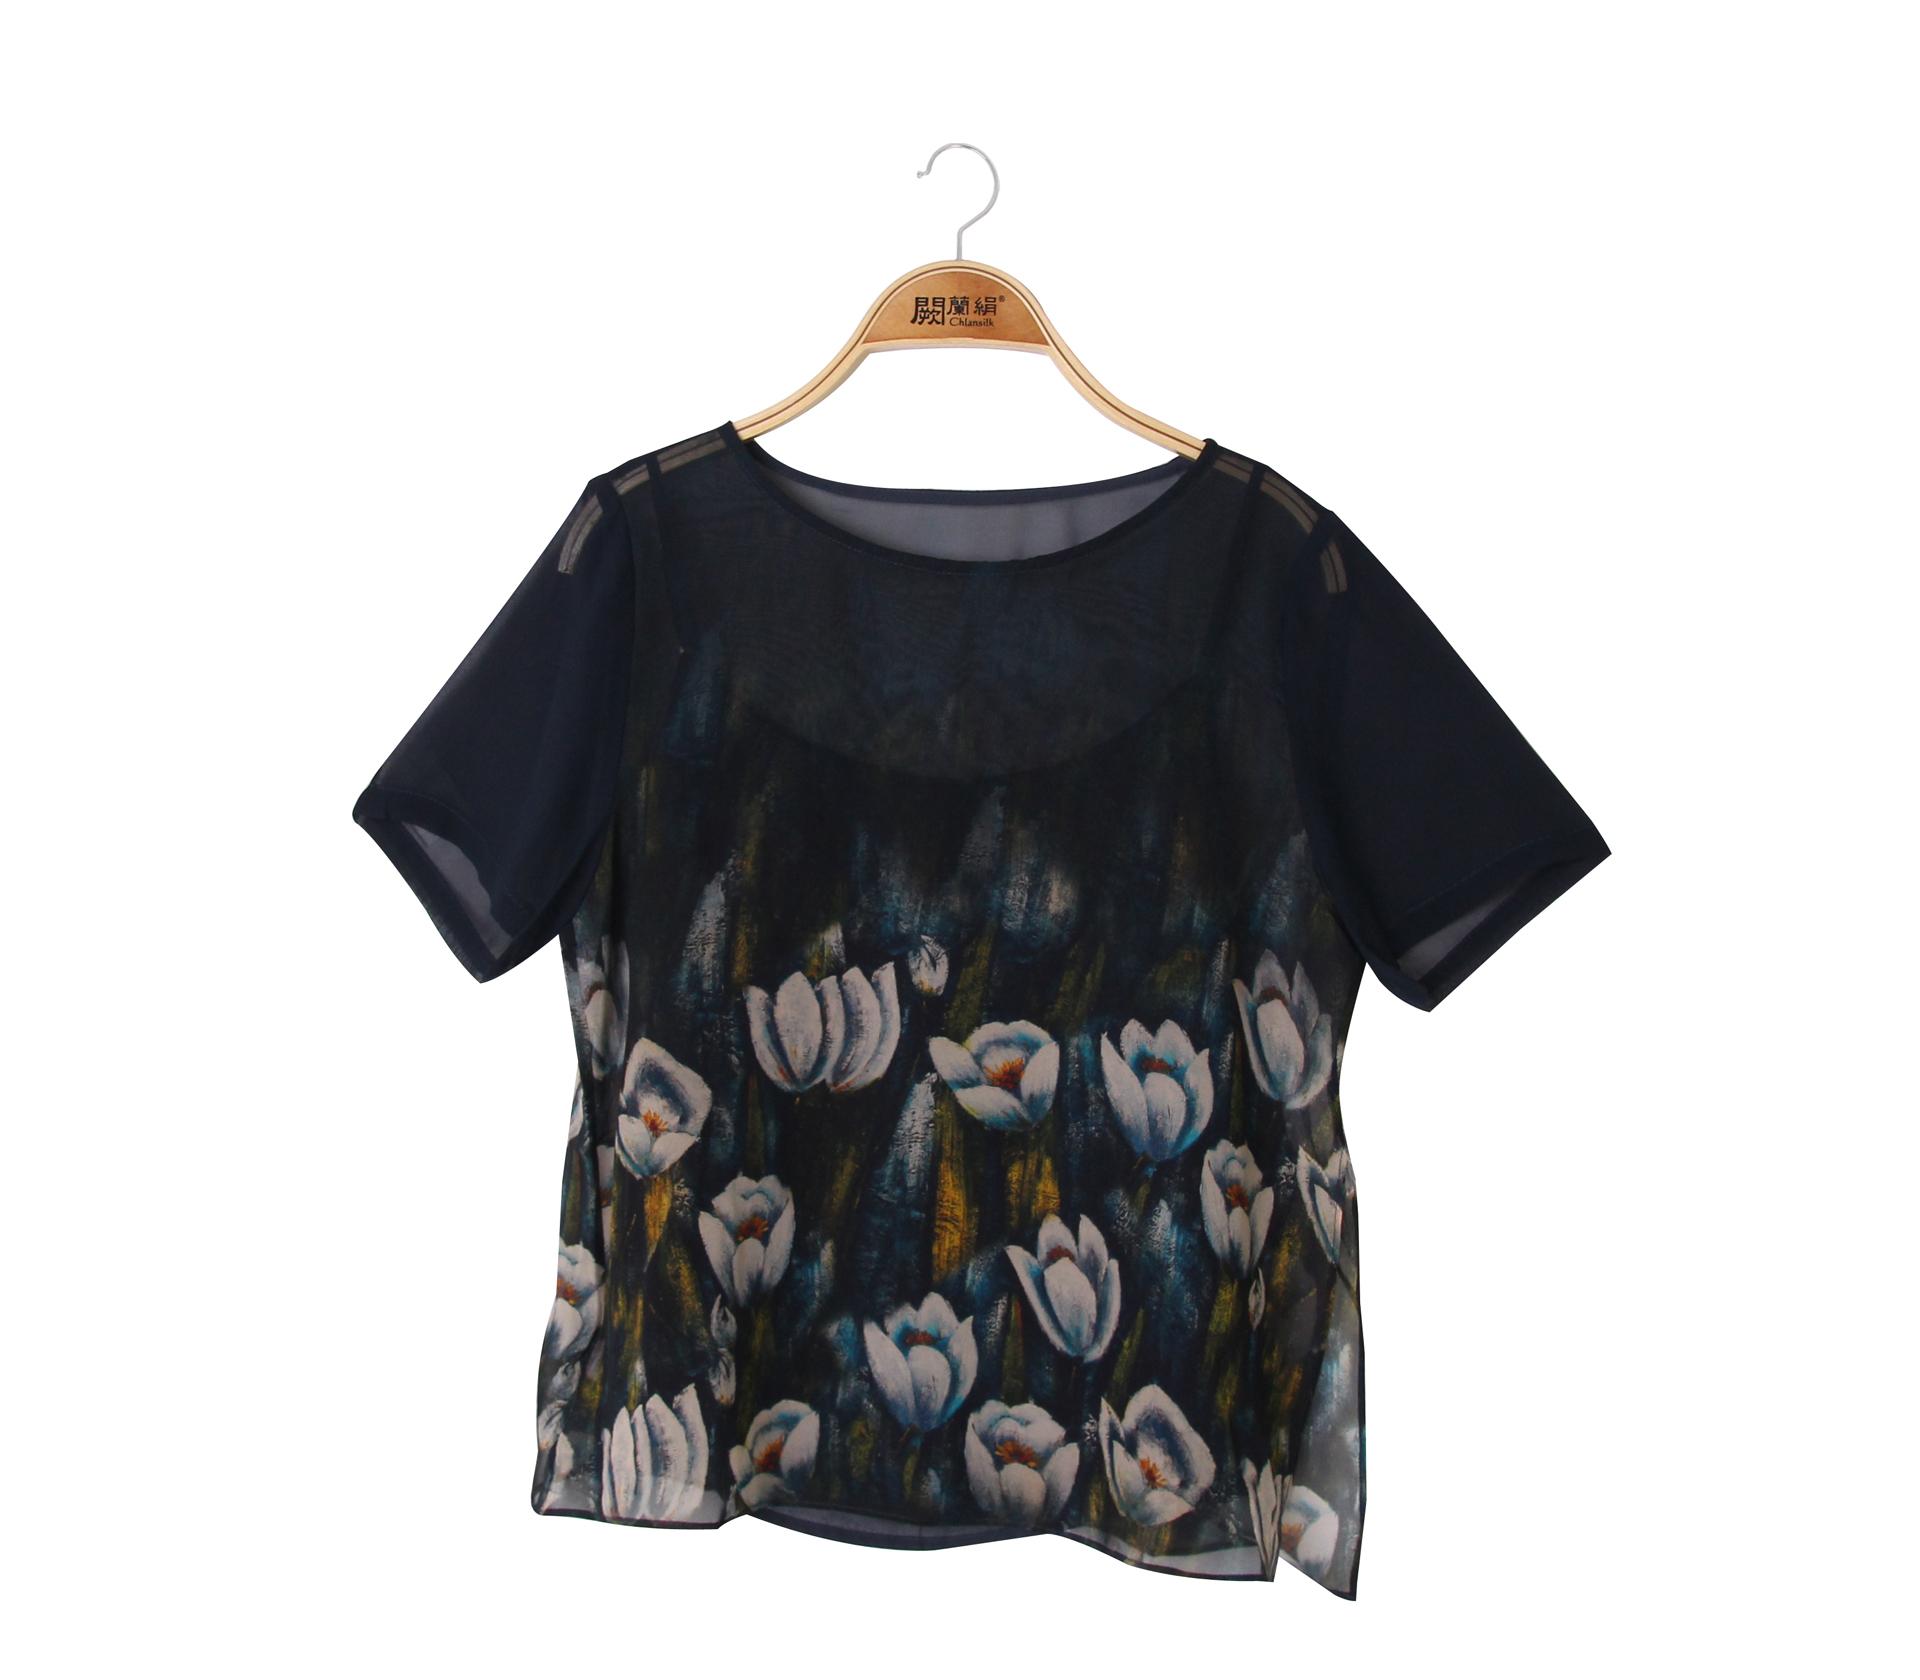 闕蘭絹兩件式花朵蠶絲雪紡上衣 - 綠色 - 6015